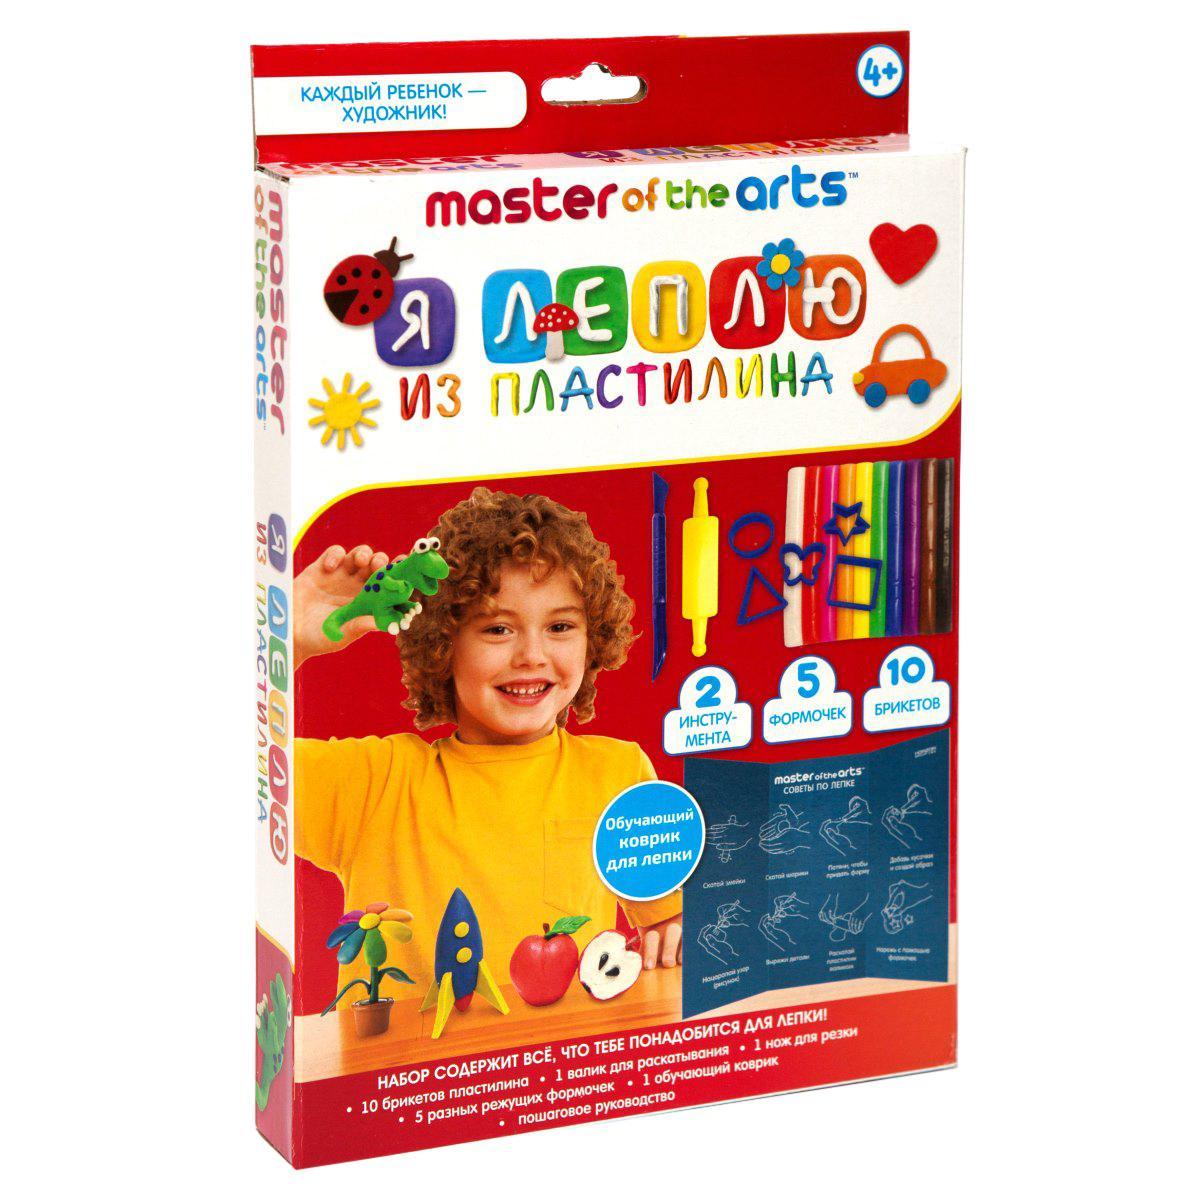 Купить Набор для творчества НОВЫЙ ФОРМАТ 21040 Я леплю из пластилина, Новый формат, Китай